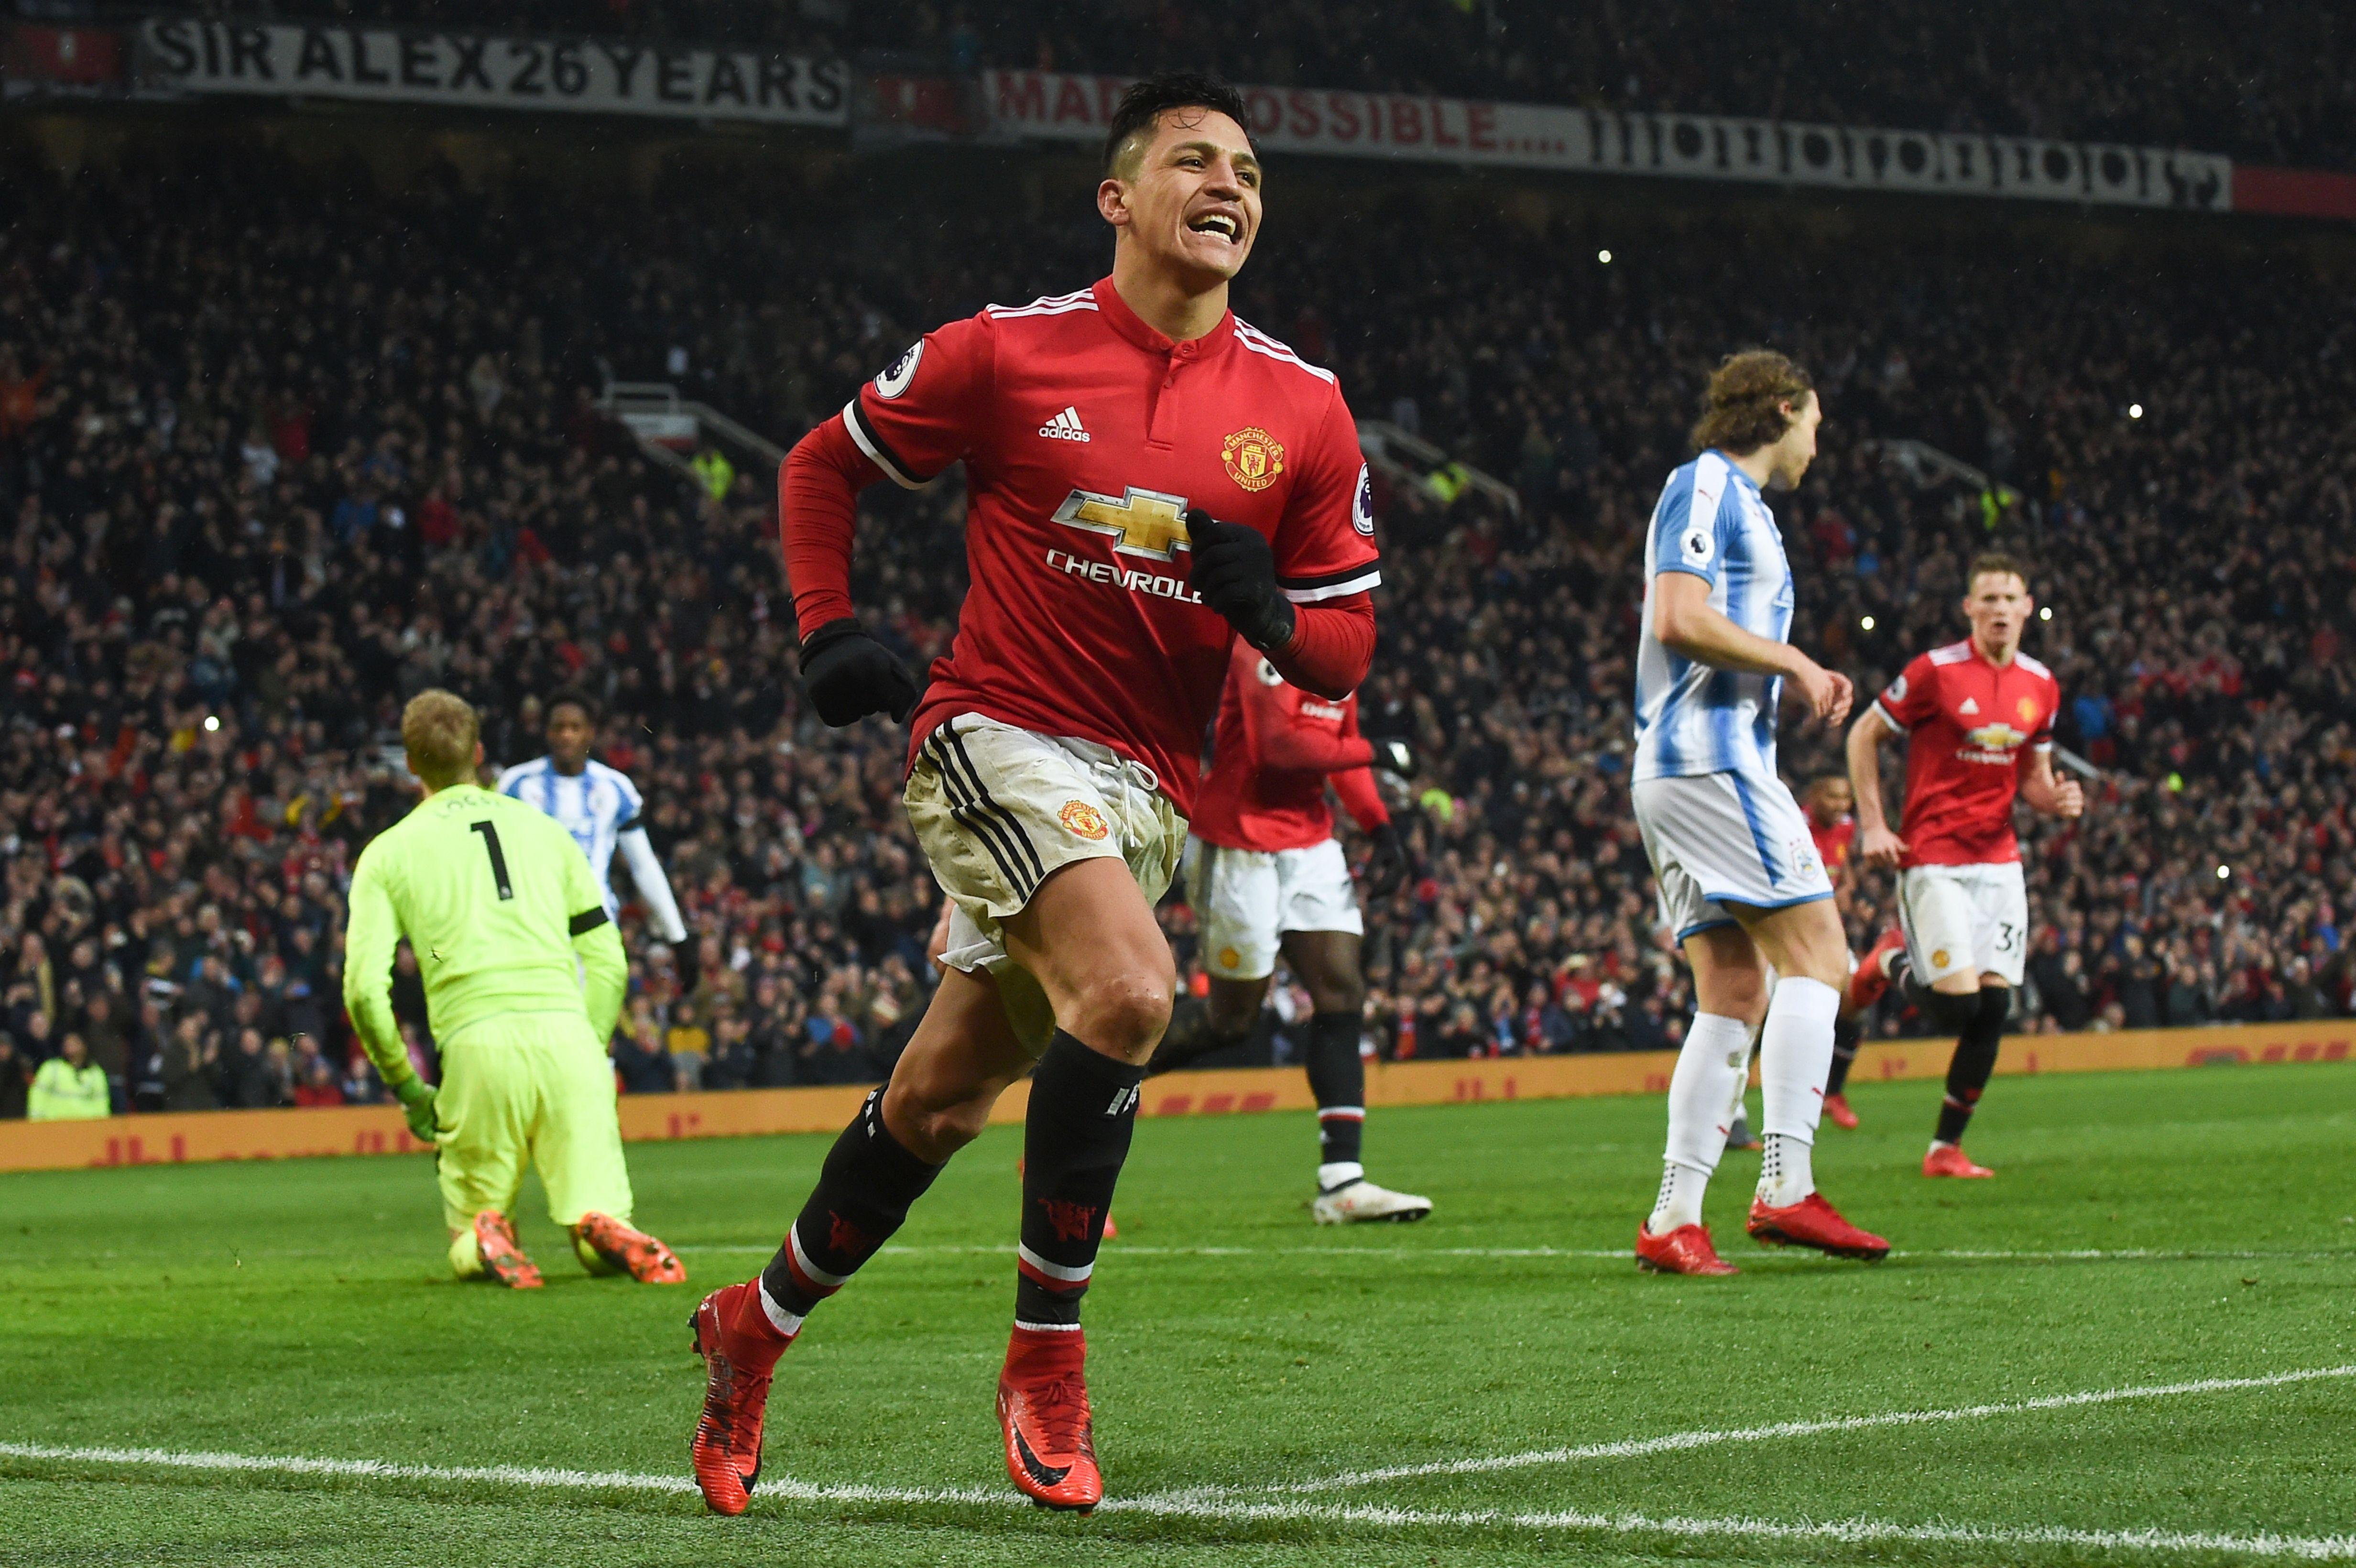 Alexis Sanchez celebrates his goal against Huddersfield.